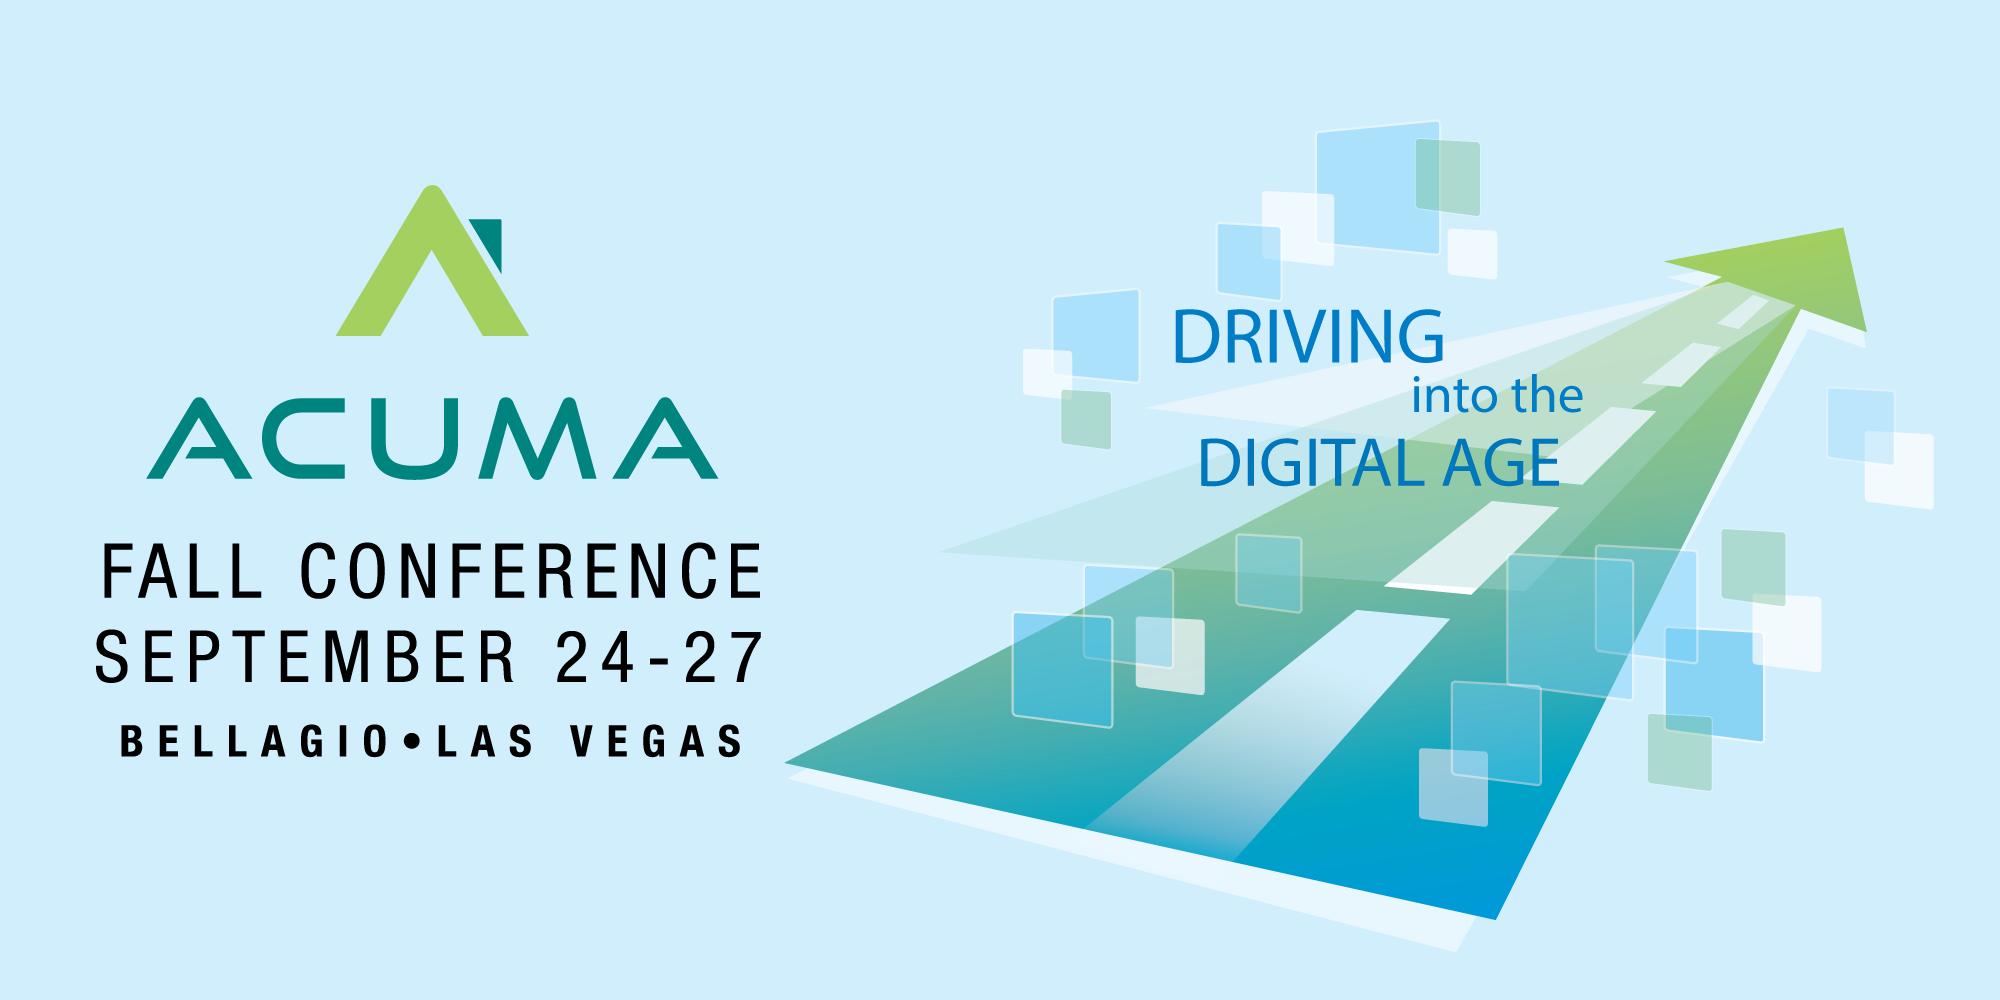 ACUMA 2017 Annual Conference